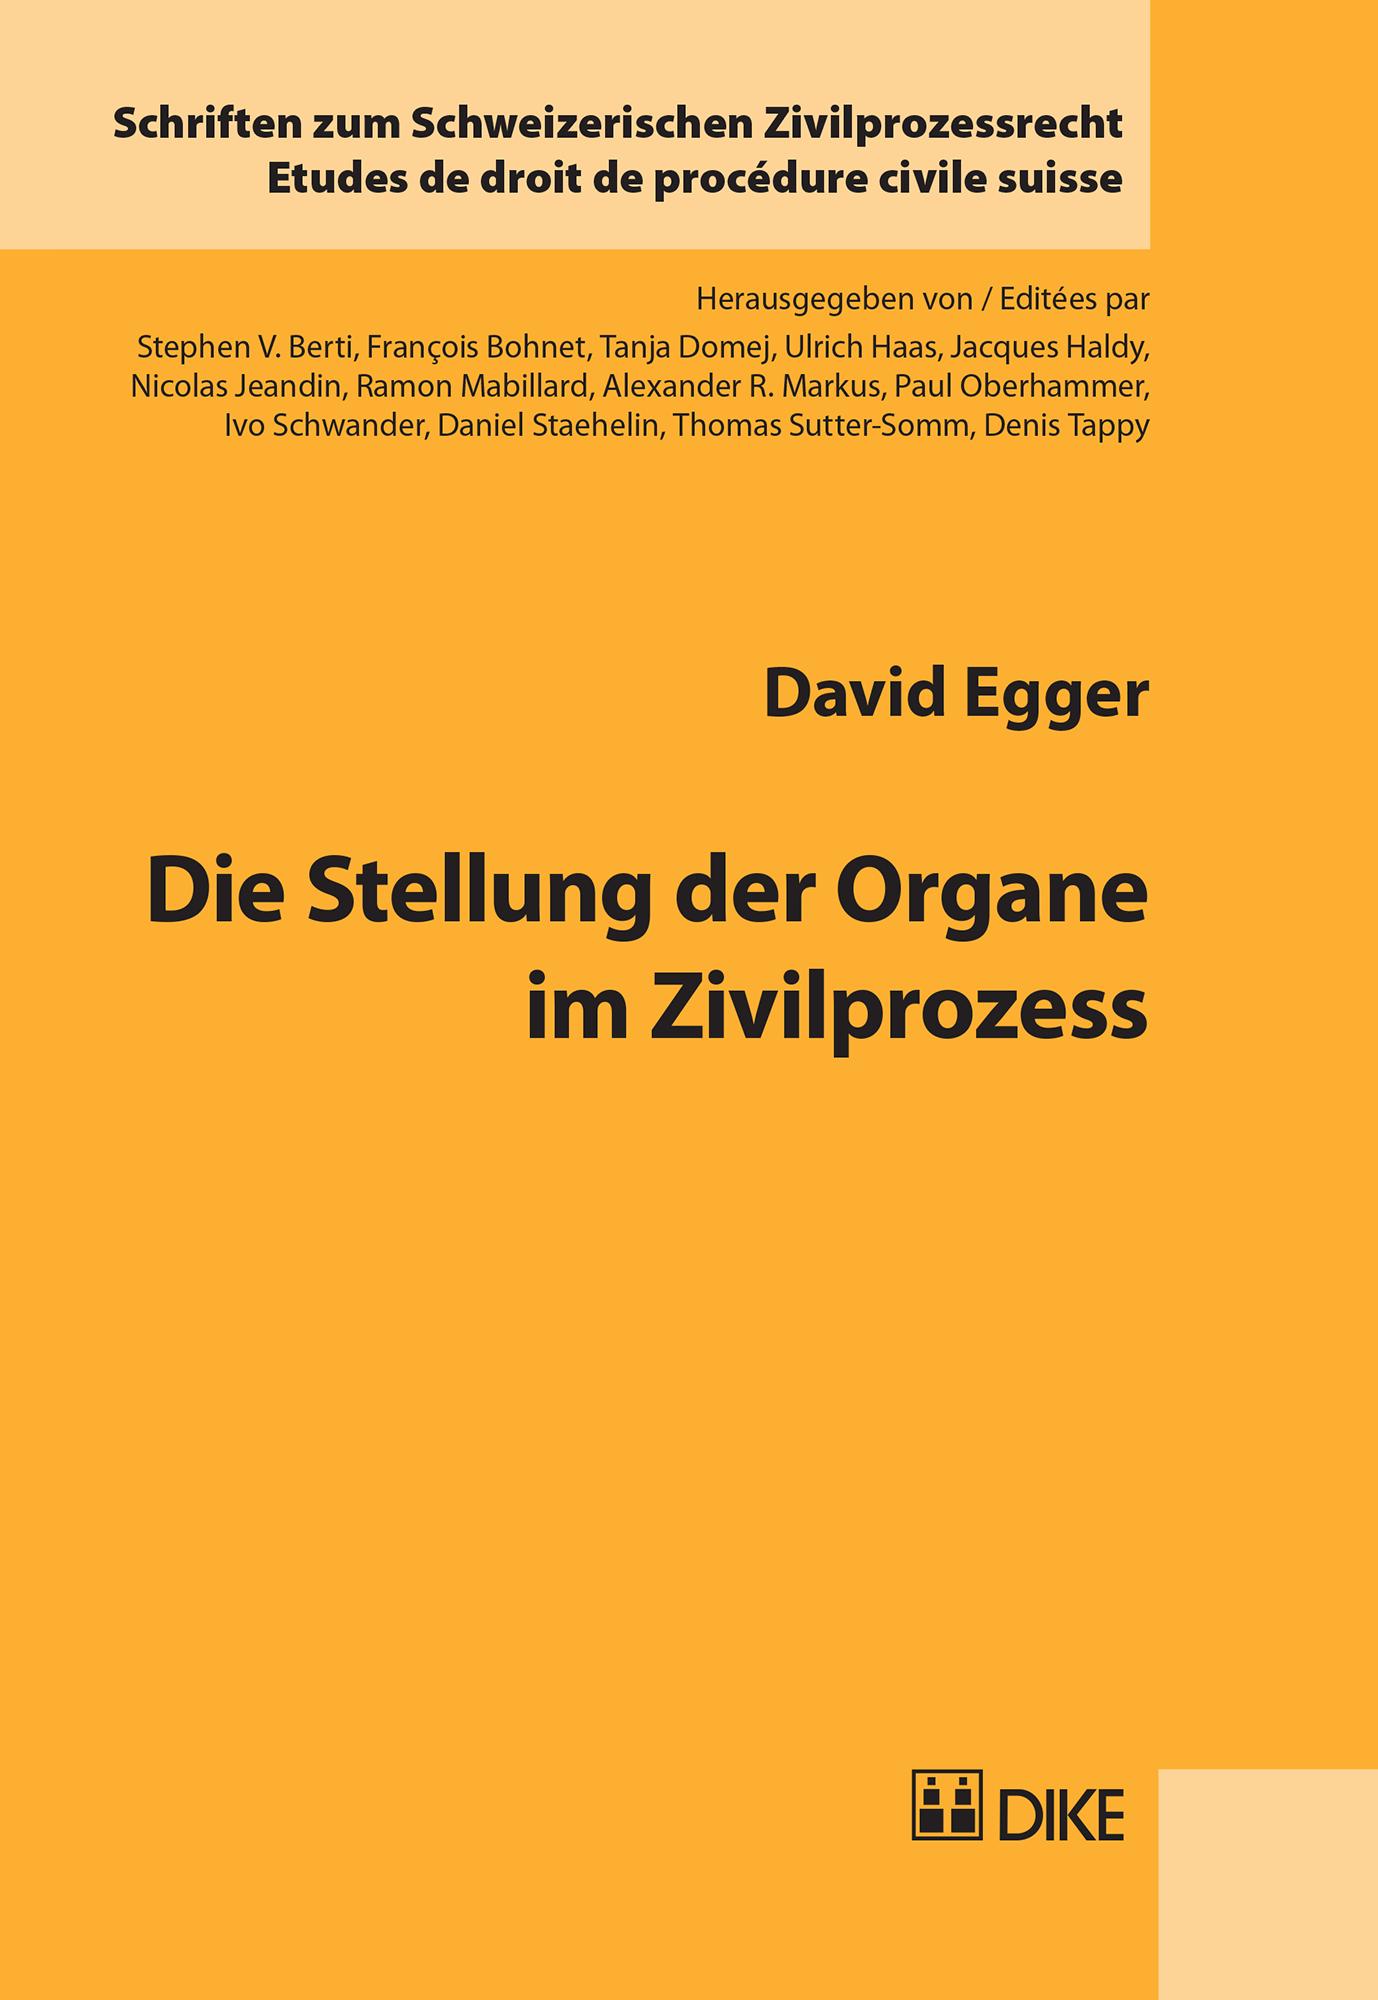 Die Stellung der Organe im Zivilprozess